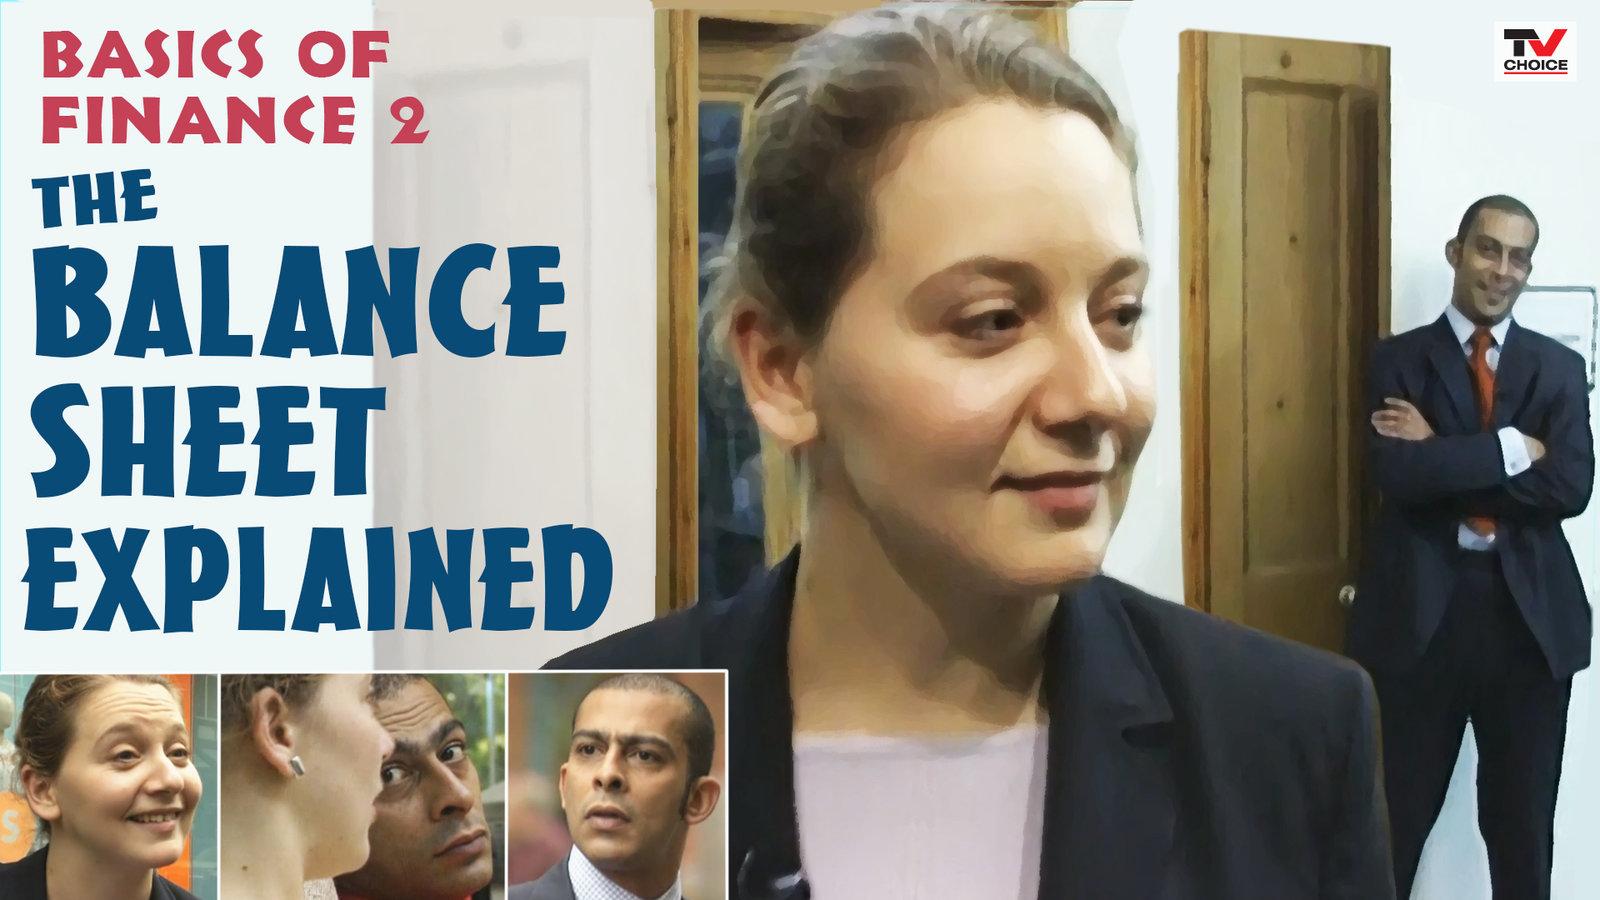 Basics of Finance 2: The Balance Sheet Explained